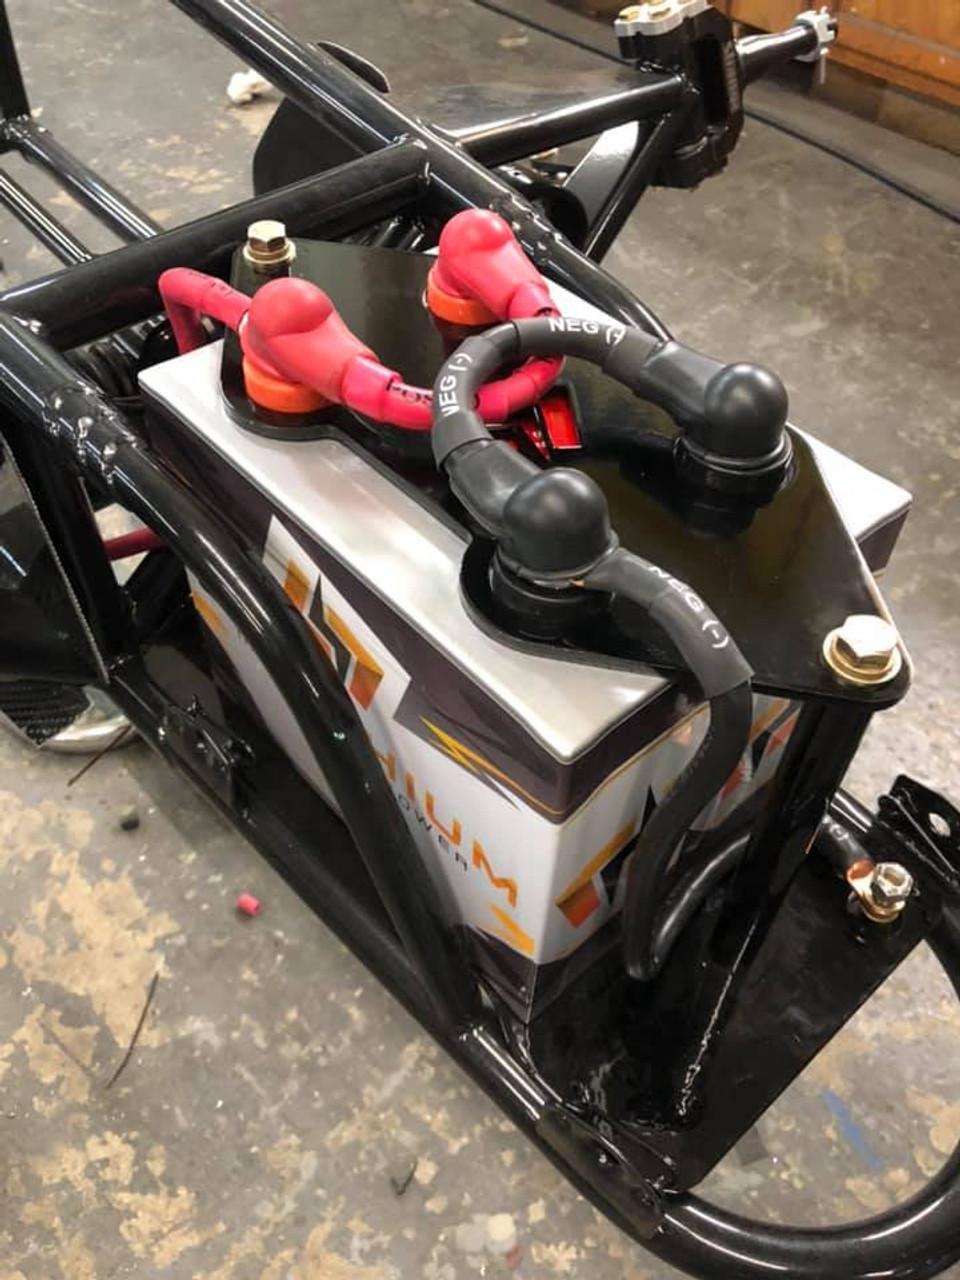 DNRC Go Lithium Battery Mount For Gen2, 16V Batteries